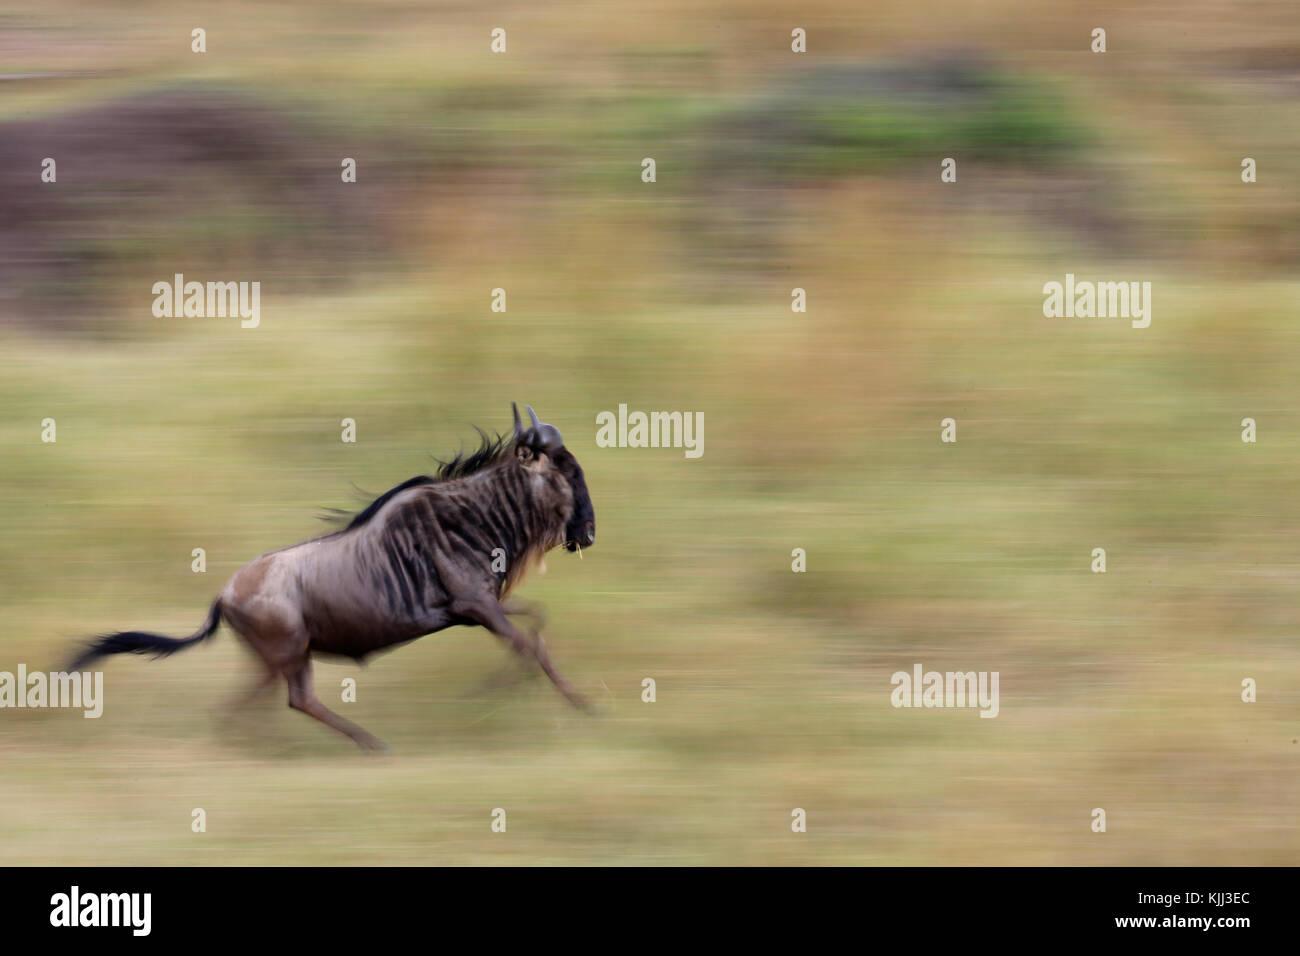 Bewegungsunschärfe eines laufenden Gnus (connochaetes Taurinus) im hohen Gras. Masai Mara Game Reserve. Kenia. Stockbild